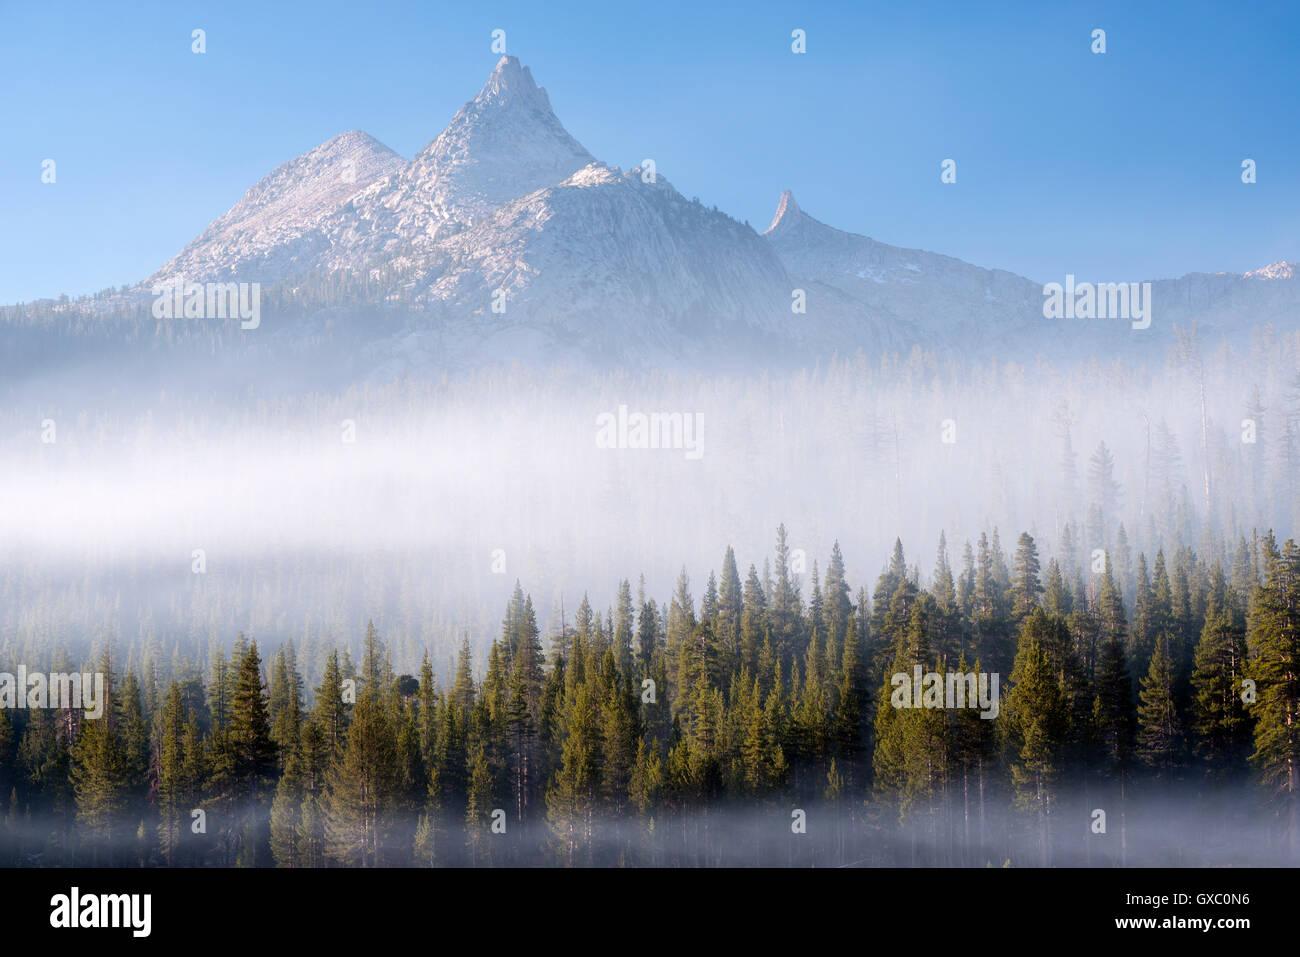 La nebbia che circonda la foresta al di sotto del picco di Unicorn, Yosemite National Park, California, Stati Uniti d'America. In autunno (ottobre) 2014. Foto Stock